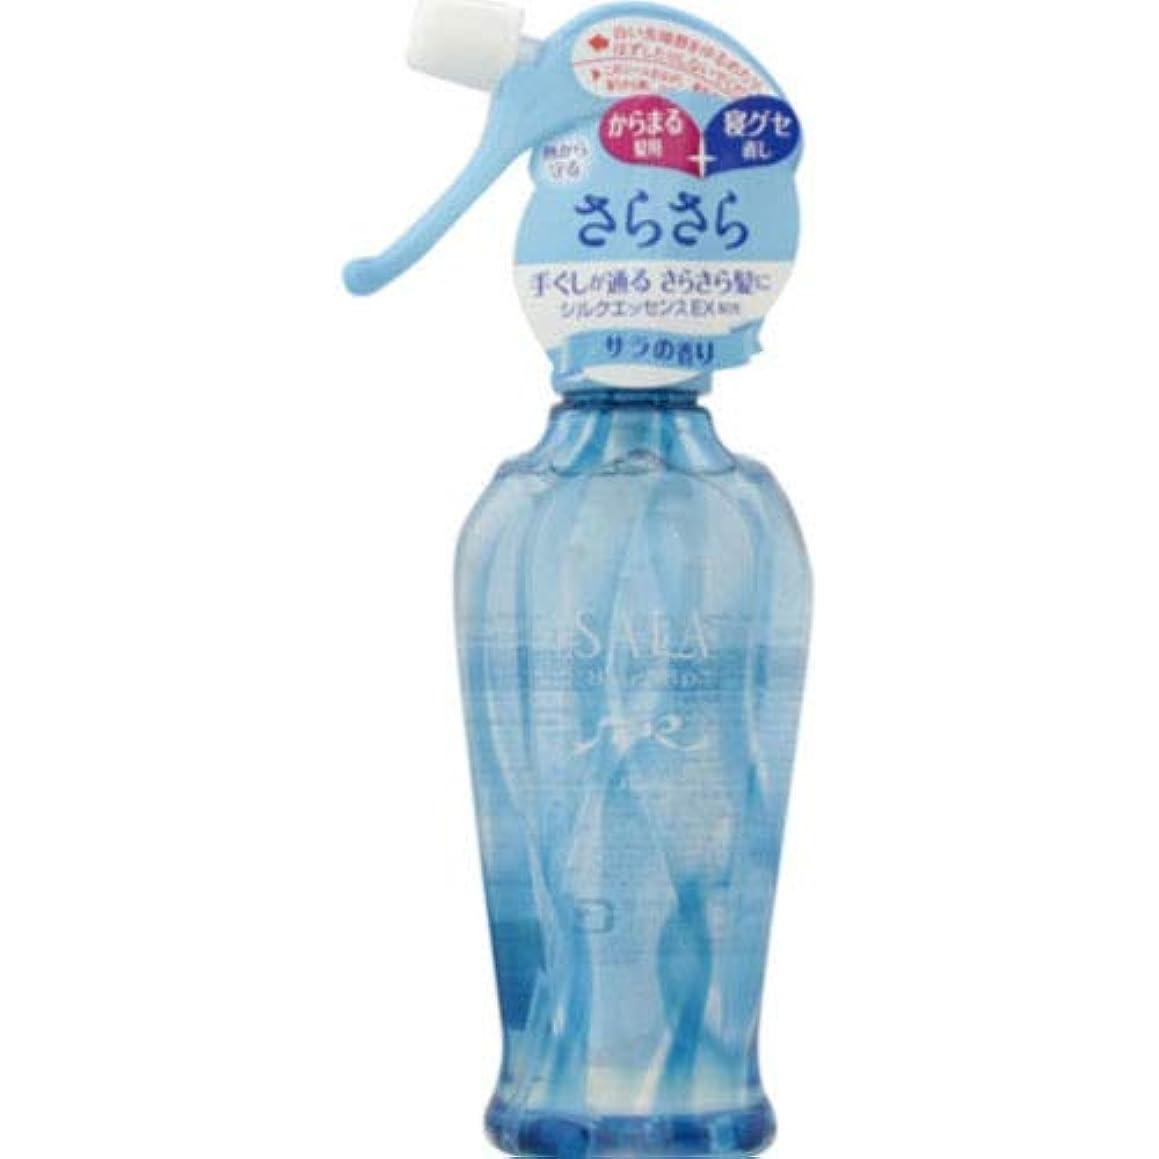 平凡表示お手伝いさんサラ さらさらサラ水 サラの香り